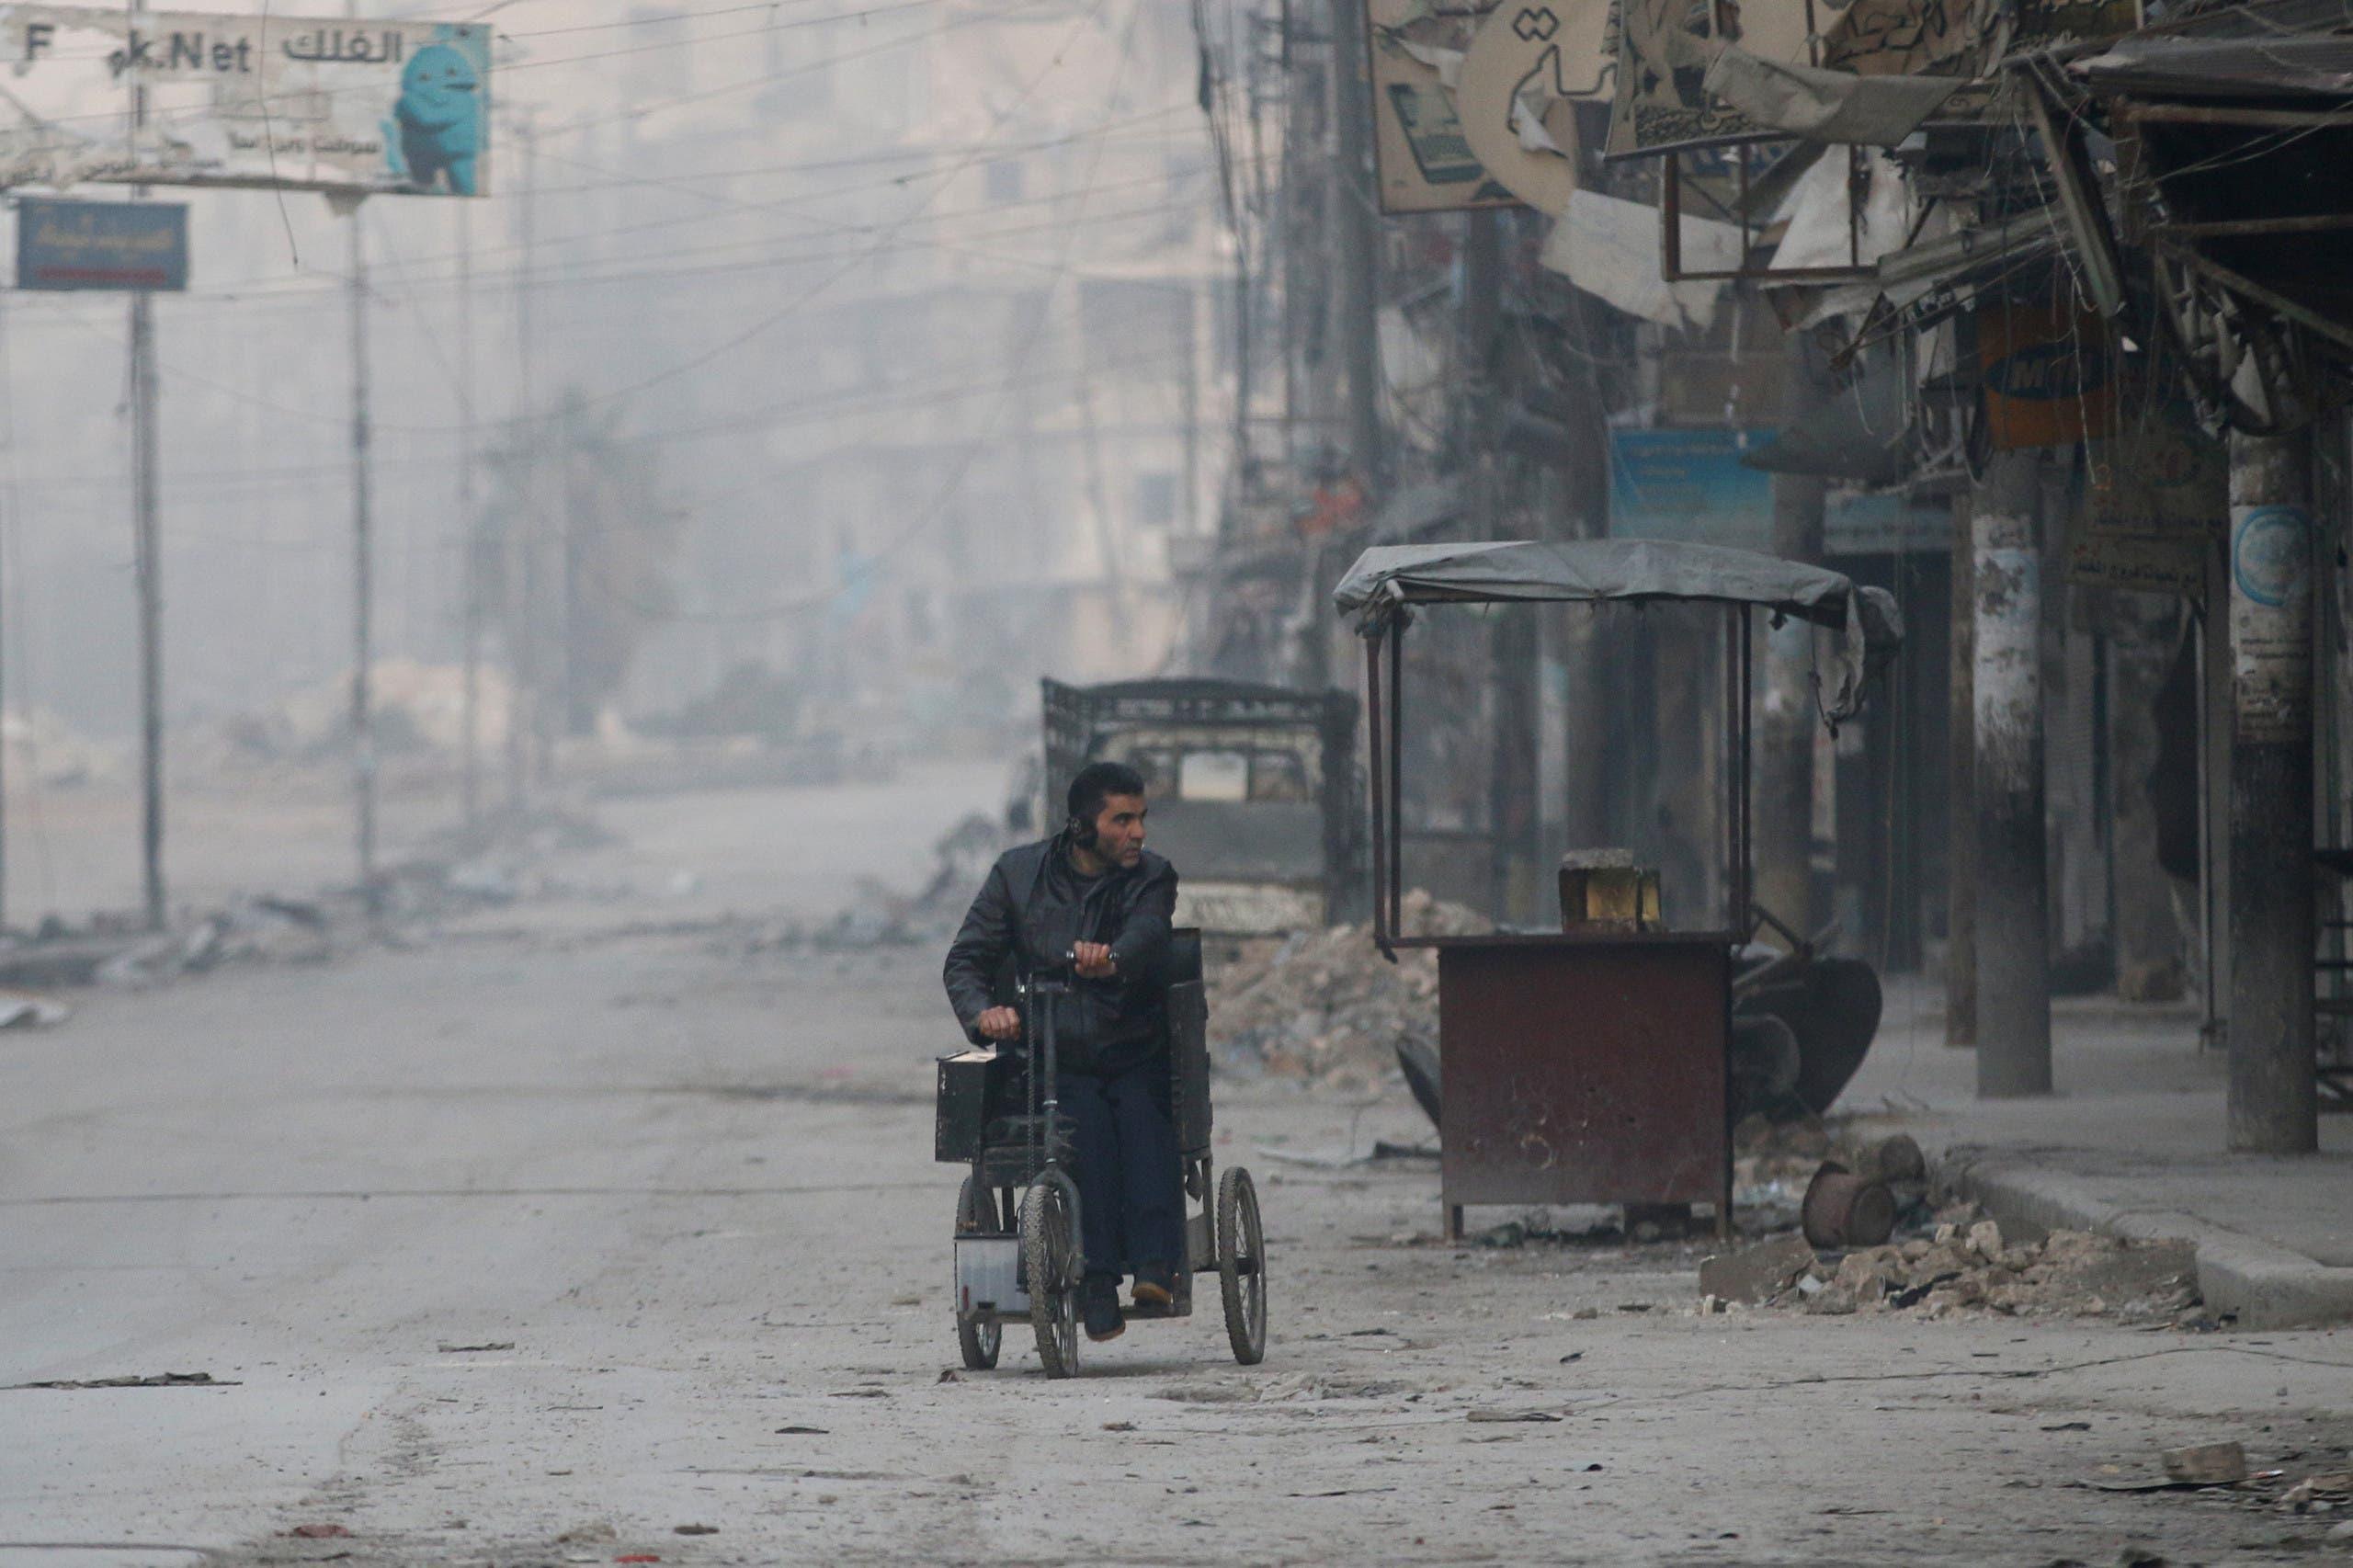 رجل يهرب ويدخل في عمق مناطق سيطرة المعارضة في حلب الشرقية